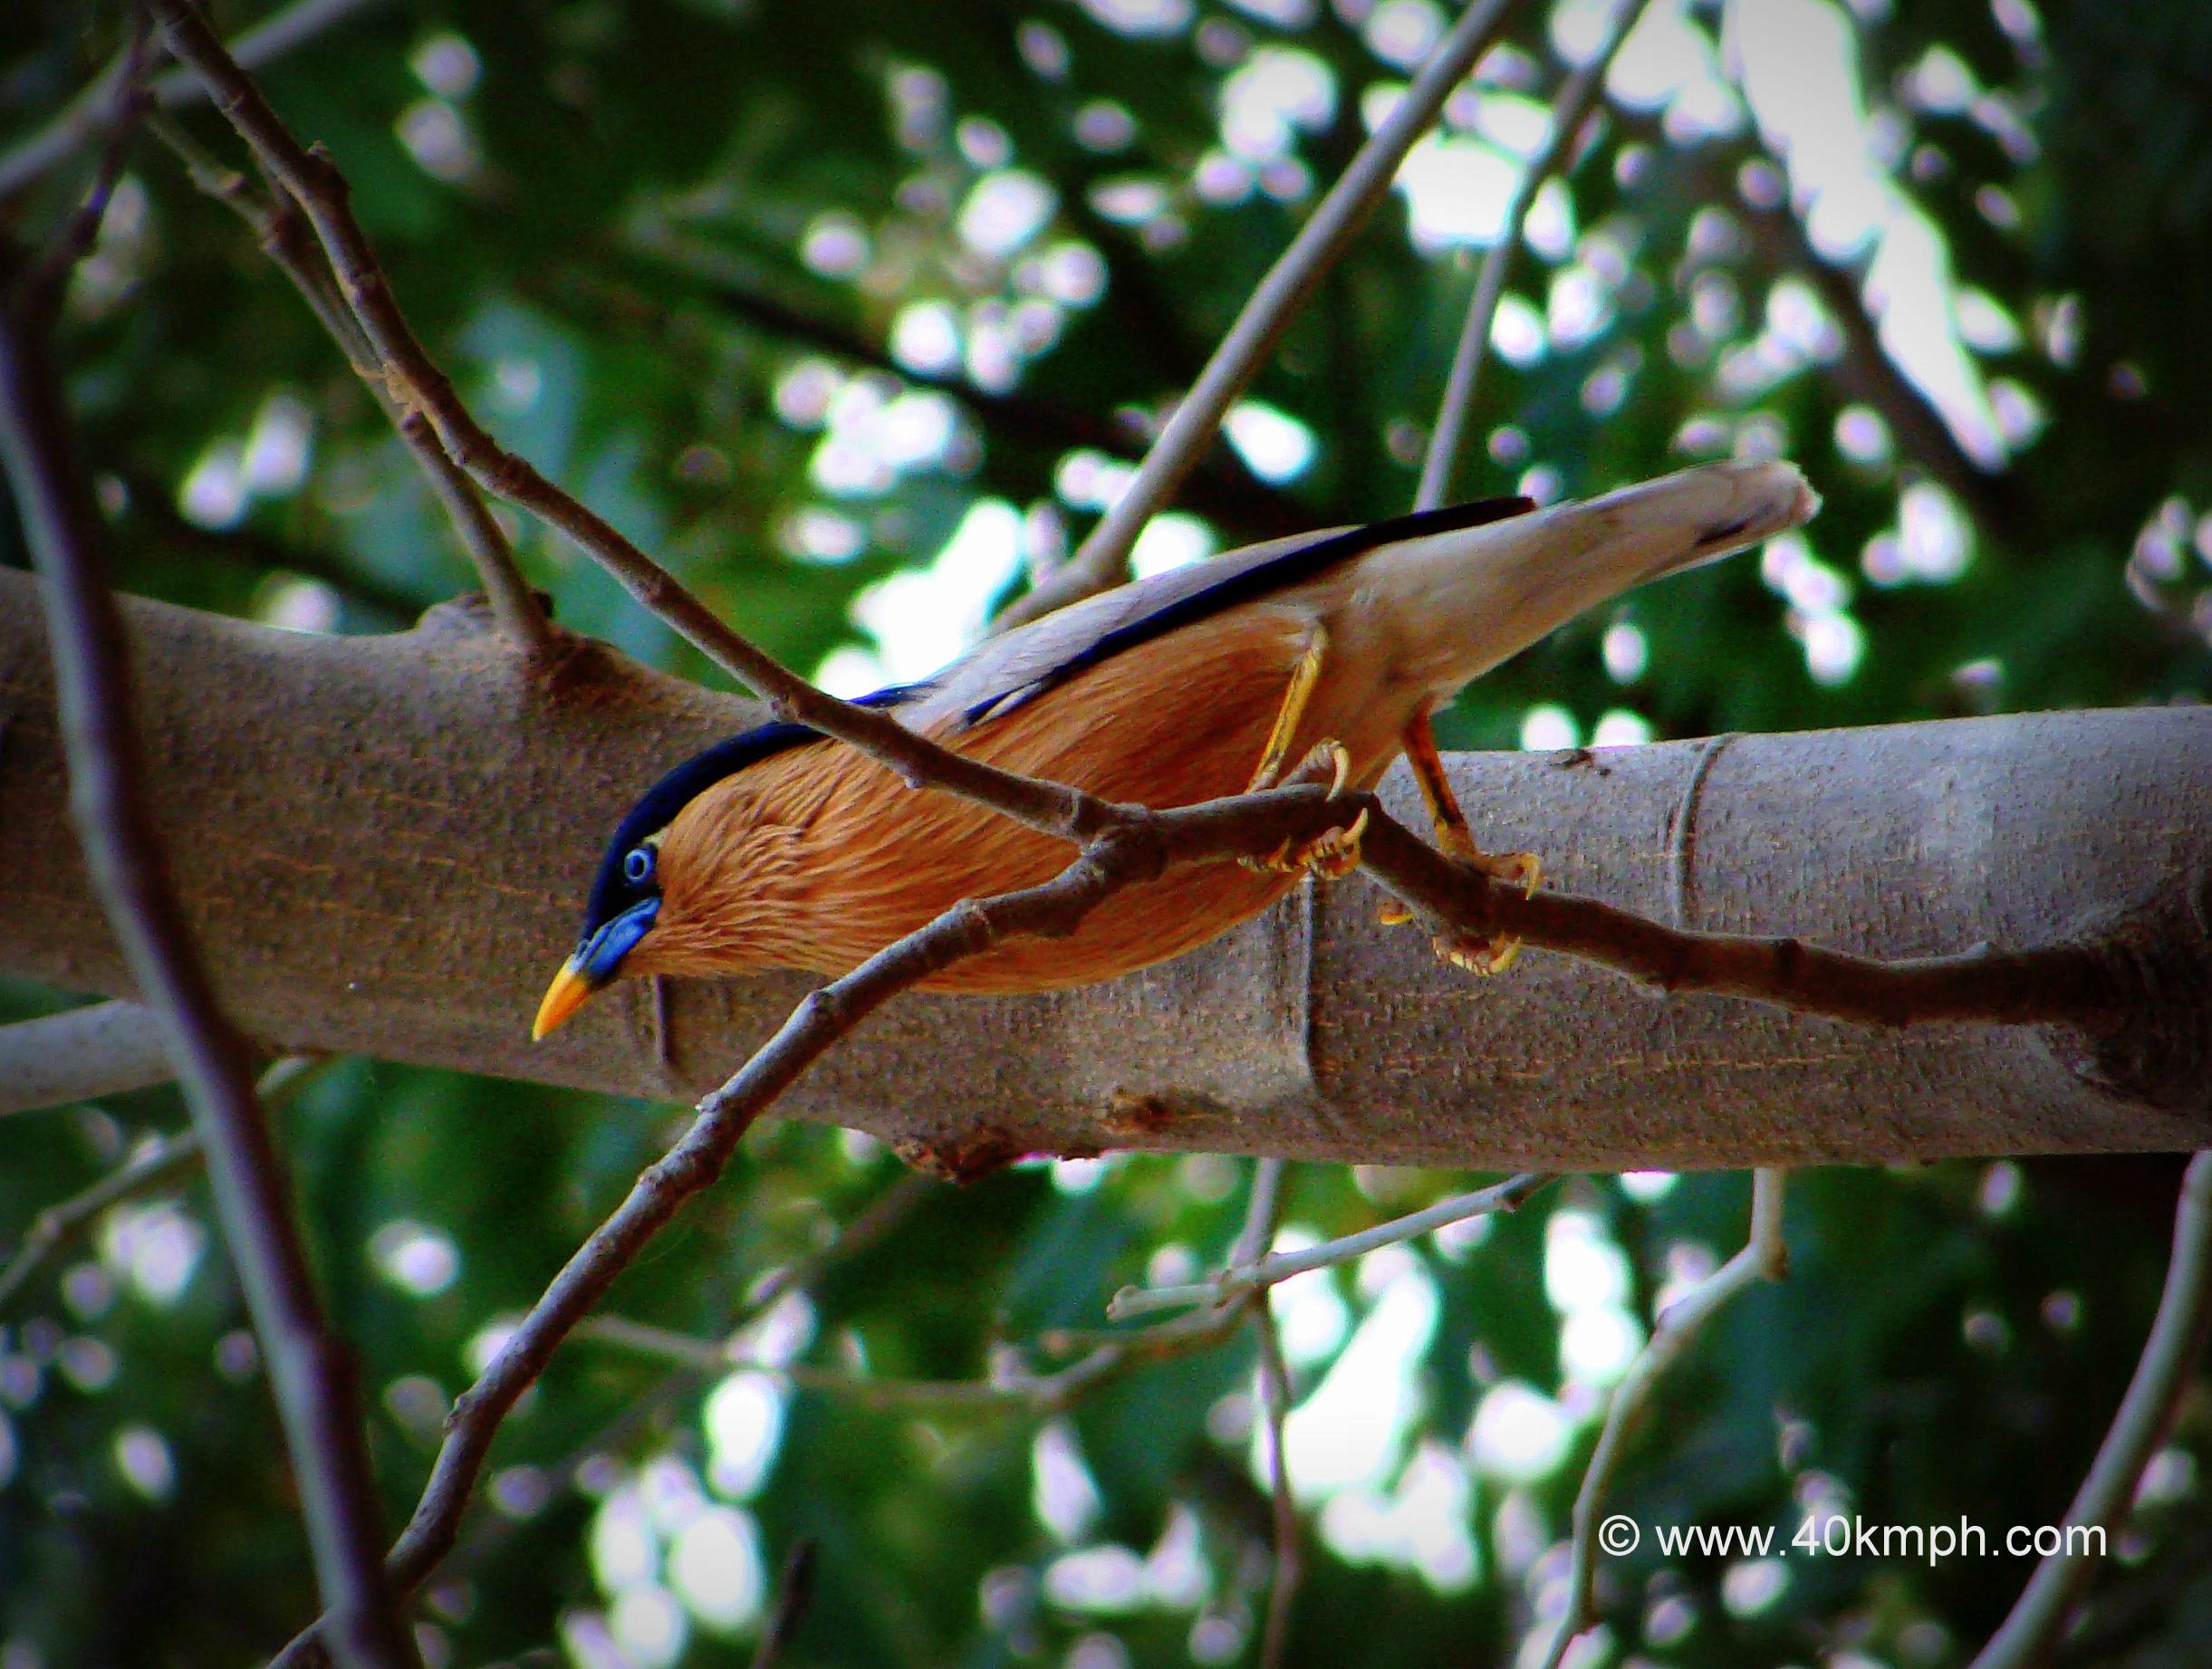 Brahminy Starling also known as Brahminy Myna